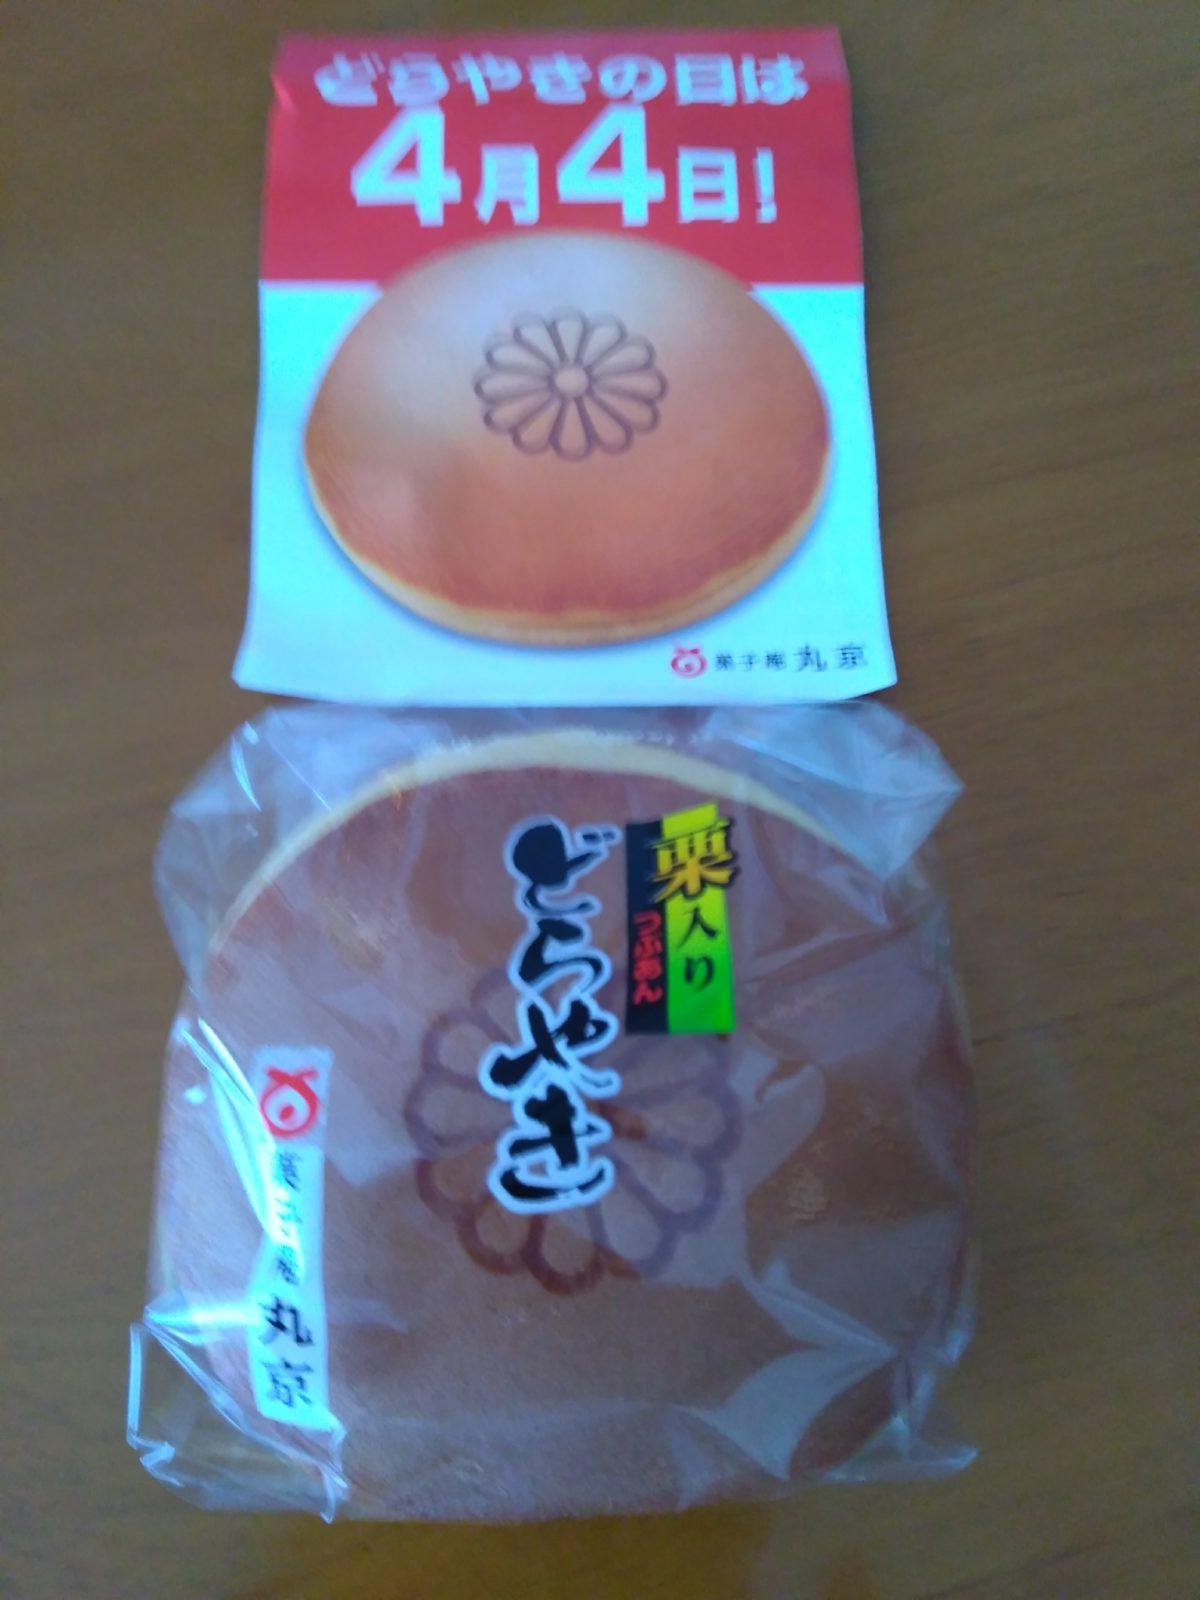 久しぶりに菓子庵 丸京の栗入りドラ焼きを買った!どらやきの日は4月4日、その理由は?